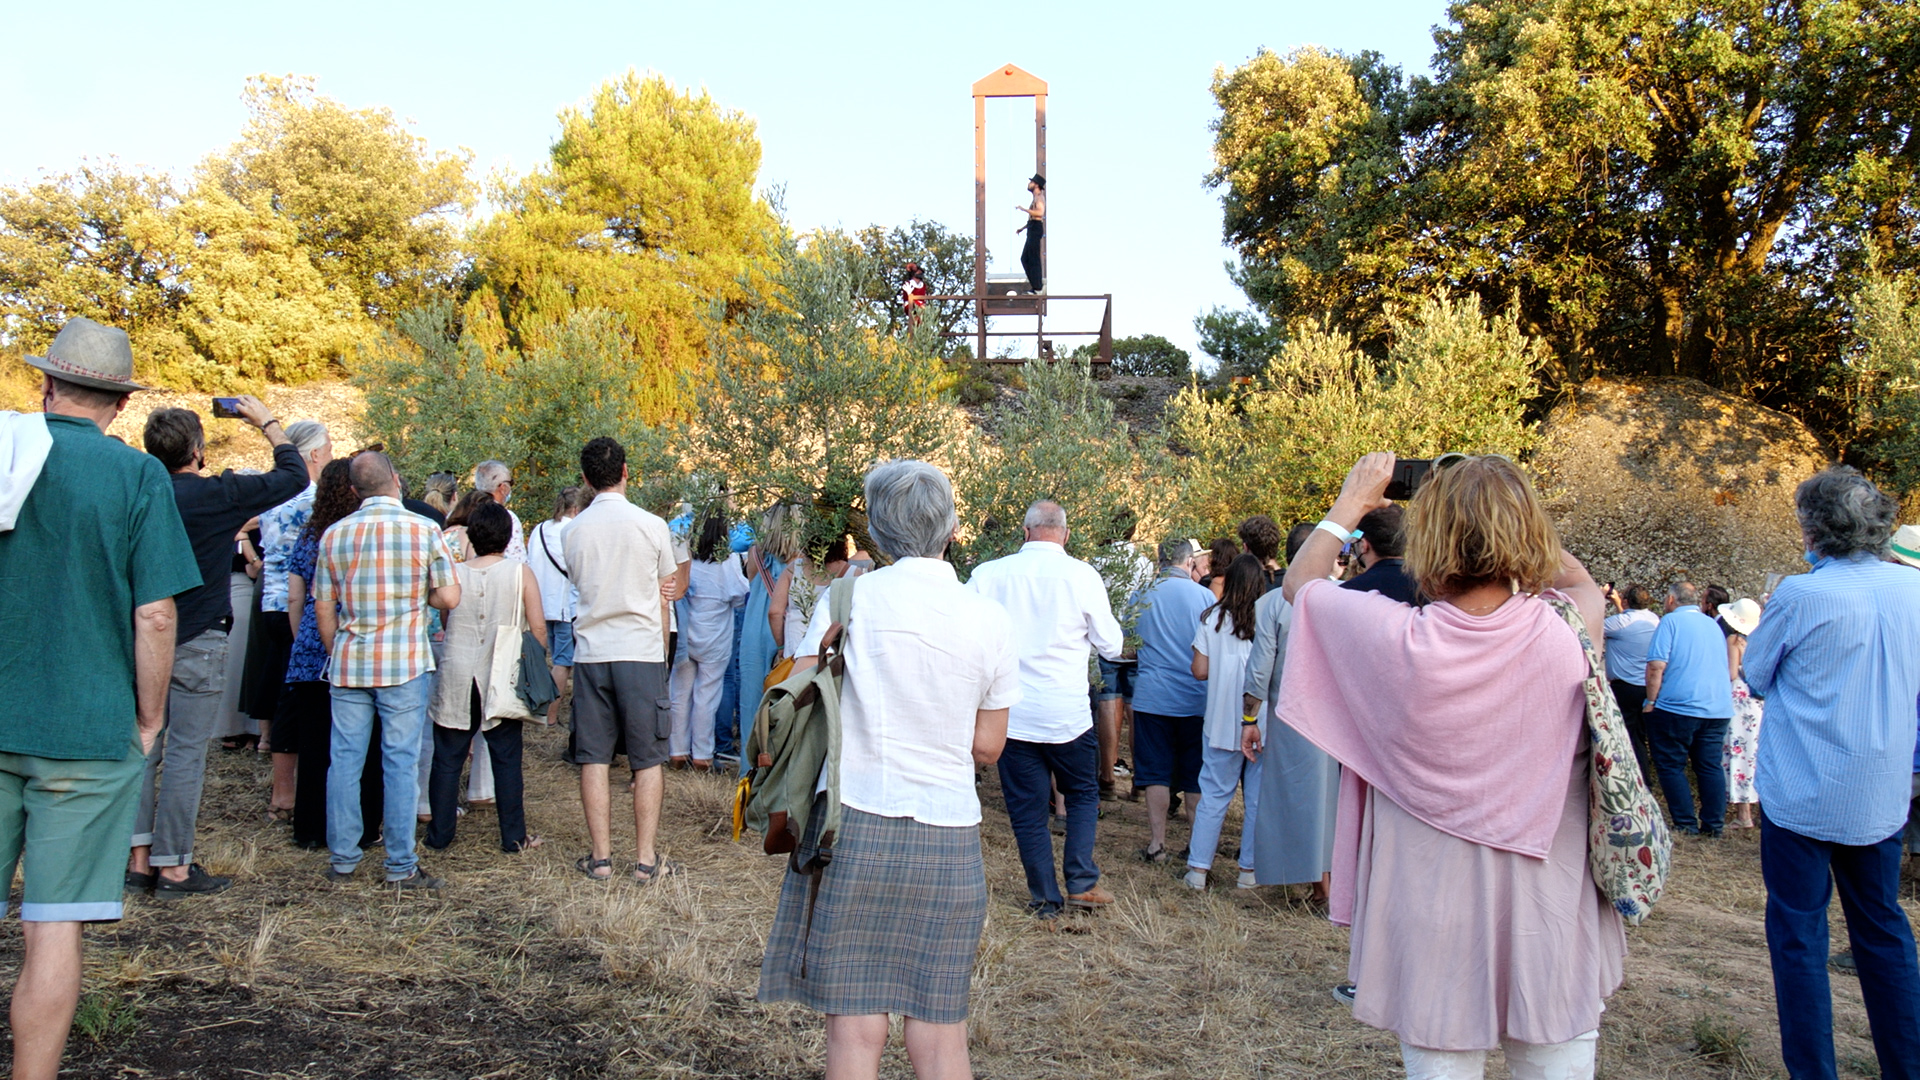 L'Any 10 a la Vinya dels Artistes: homenatge íntim al creador Iago Pericot